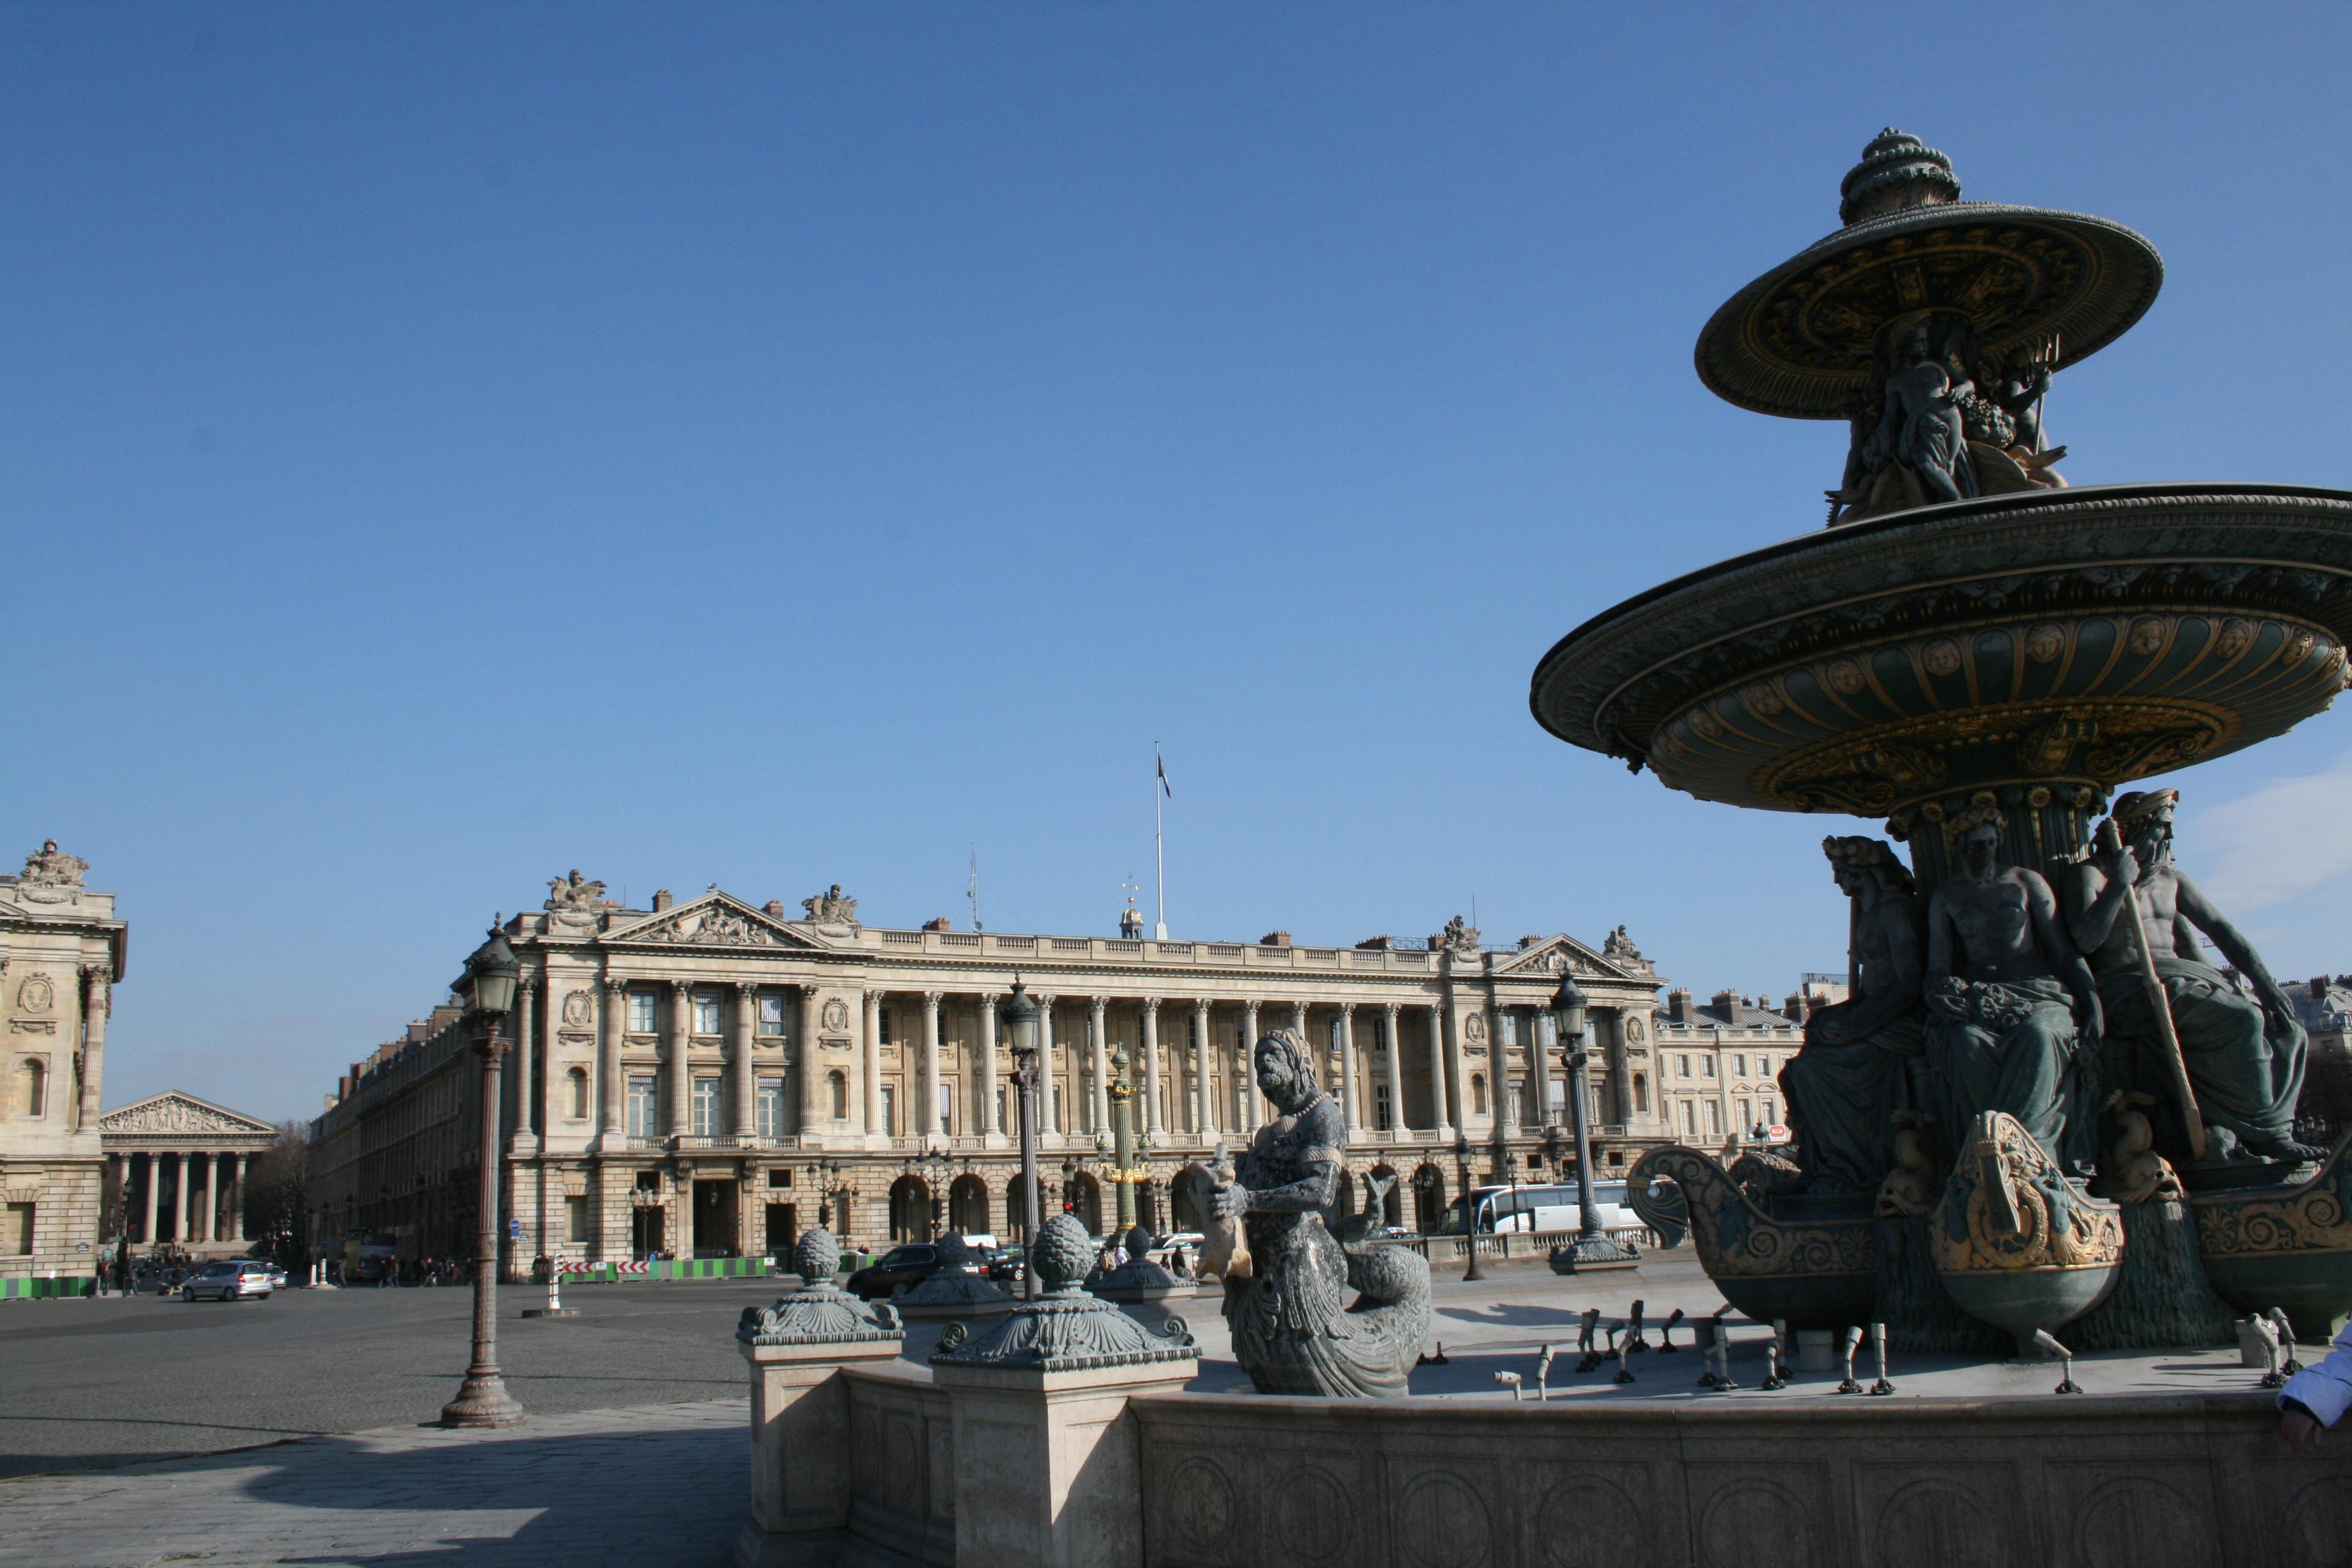 Plaza De La Concordia file:fontaine de la place de la concorde-paris305